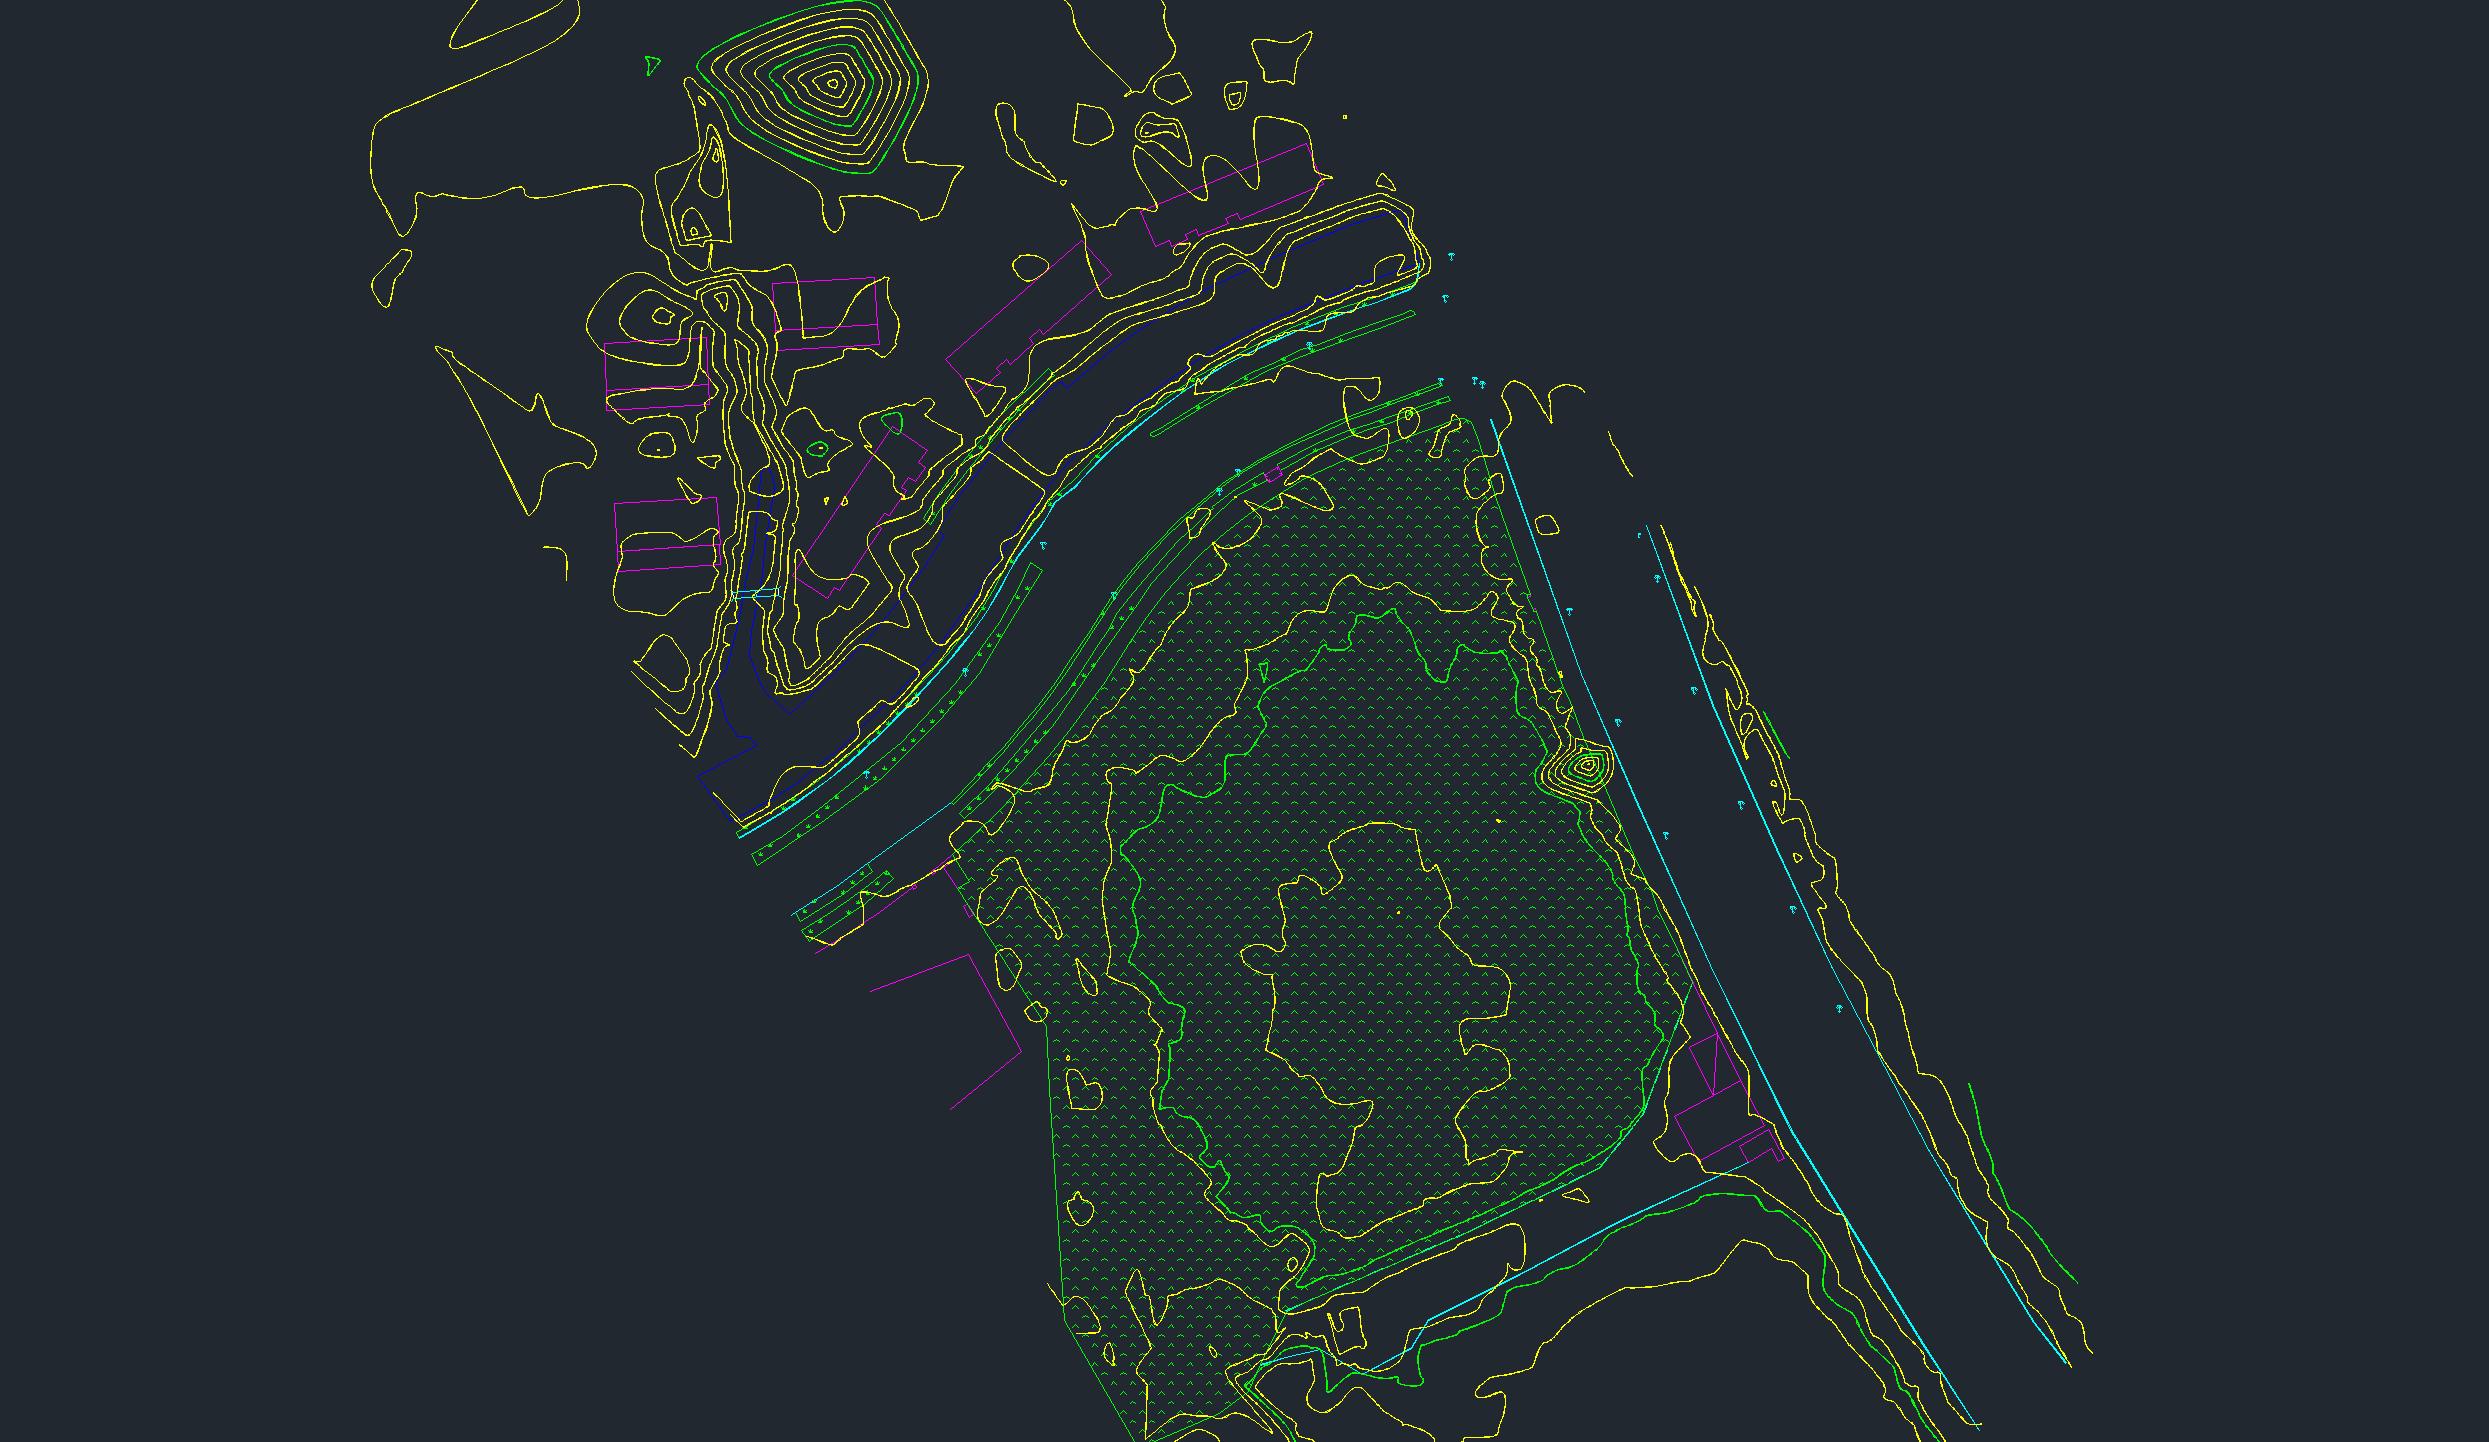 華測Z+F三維掃描儀應用解決方案,Z+F三維掃描儀應用于複雜地形的測量,Z+F三維掃描儀複雜地形圖繪制成果展示